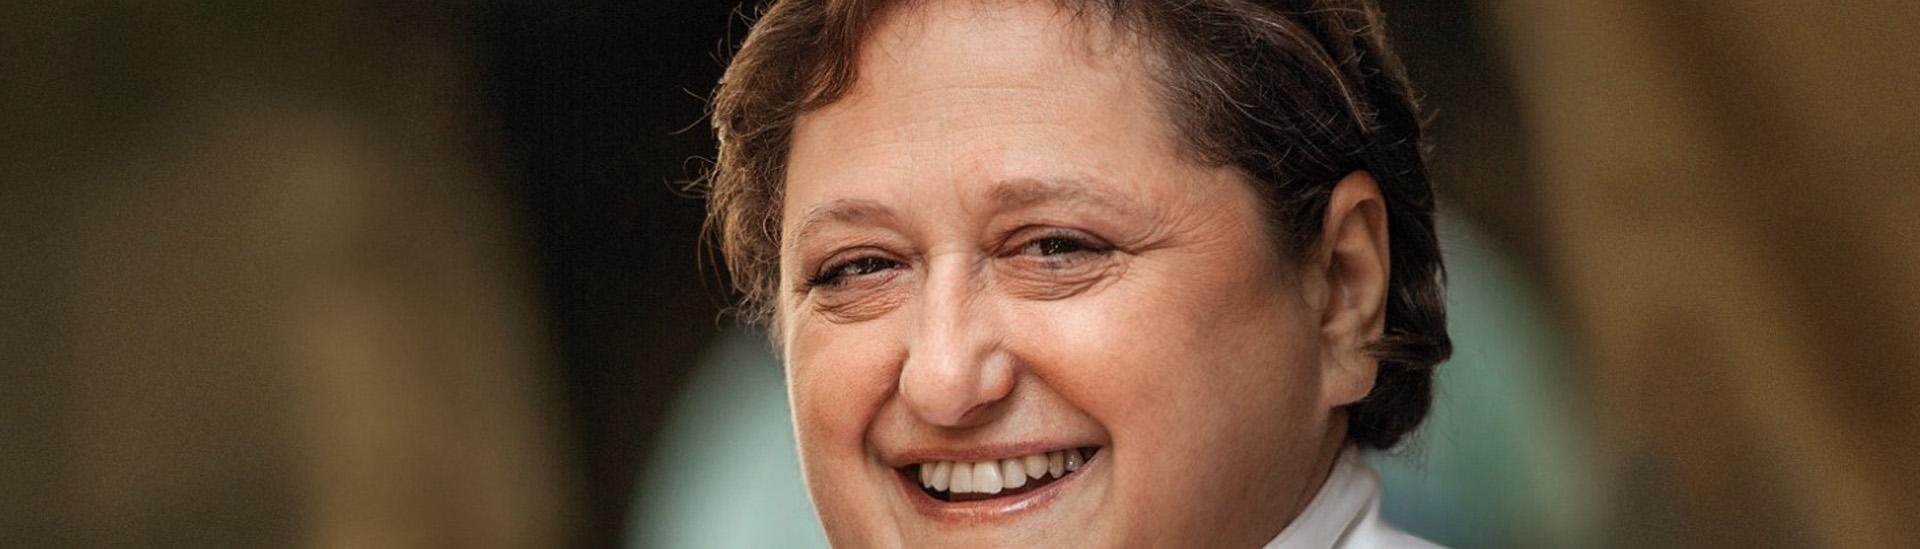 Valeria Piccini cover